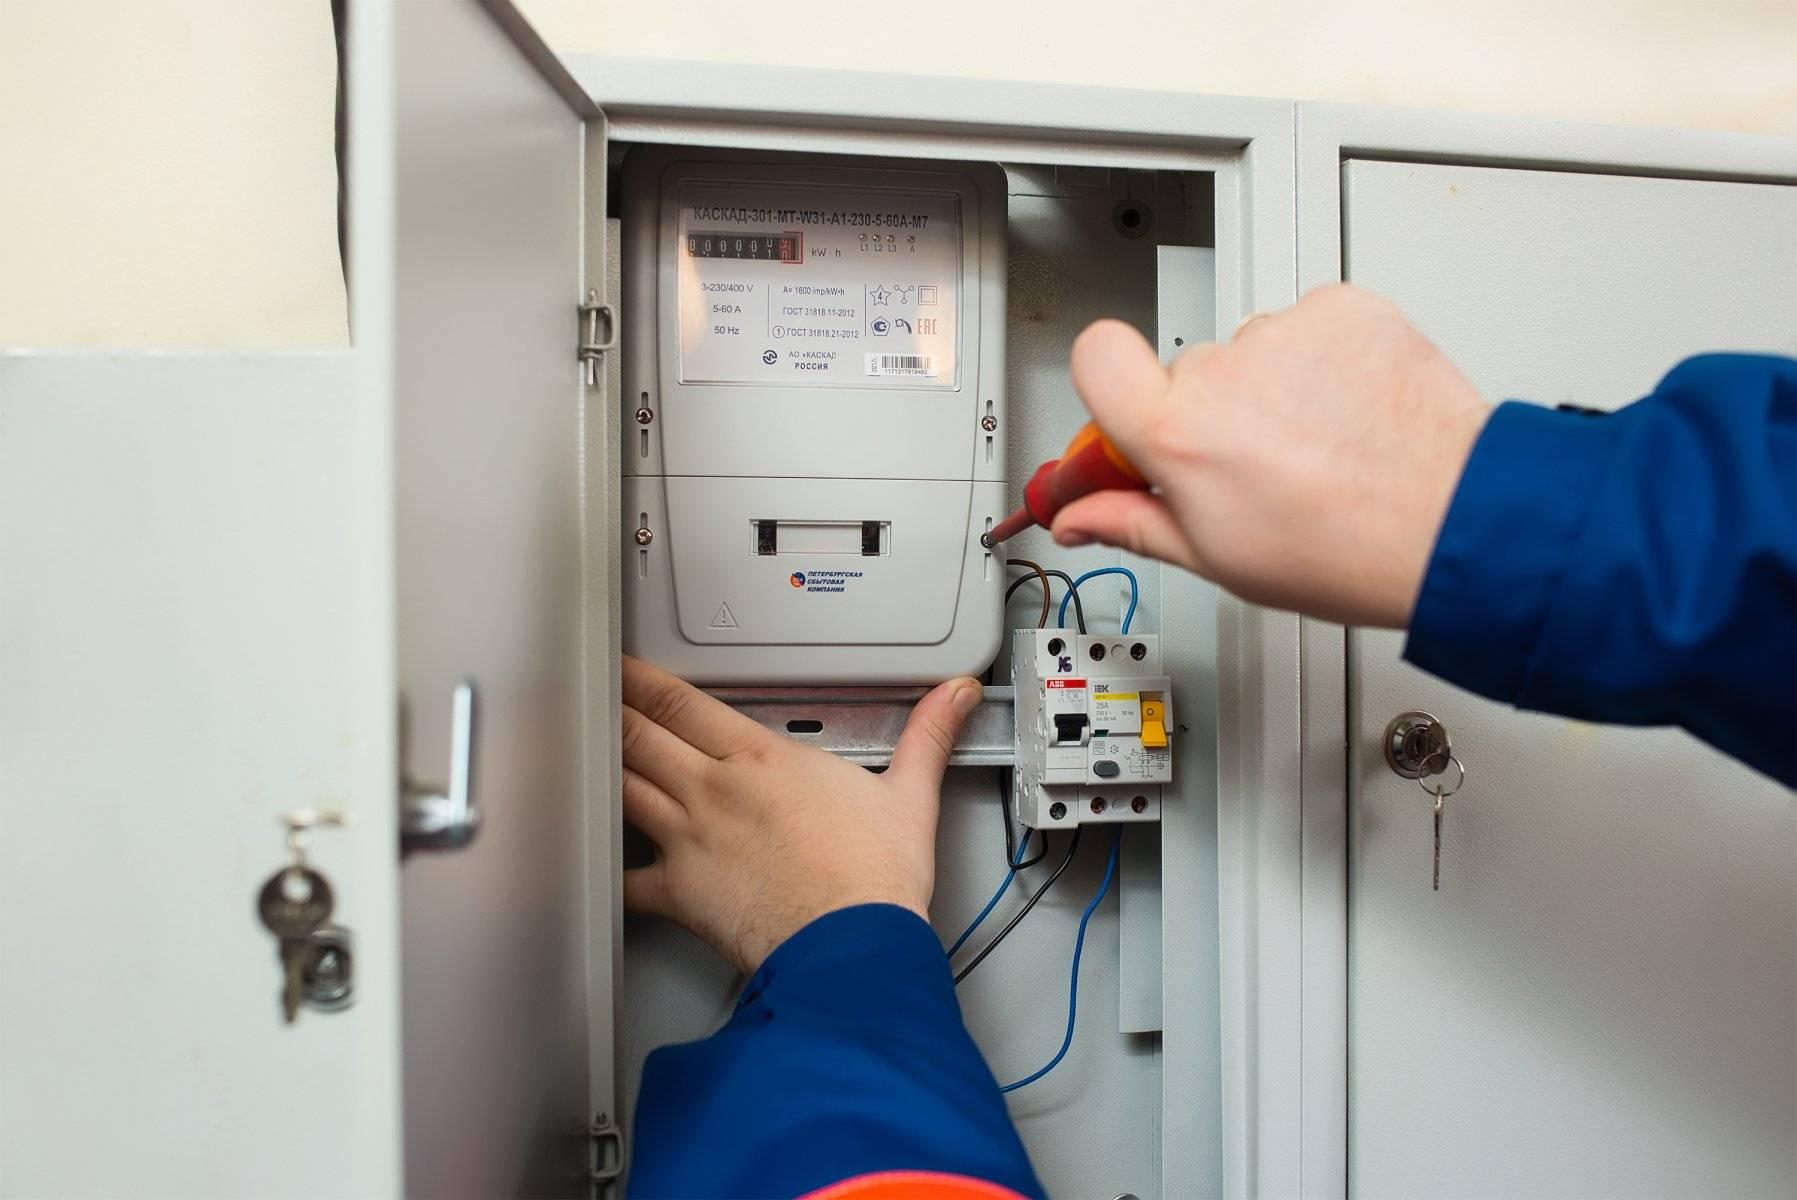 Cамостоятельная замена электросчетчика: в собственной квартире, размер штрафа, в частном доме